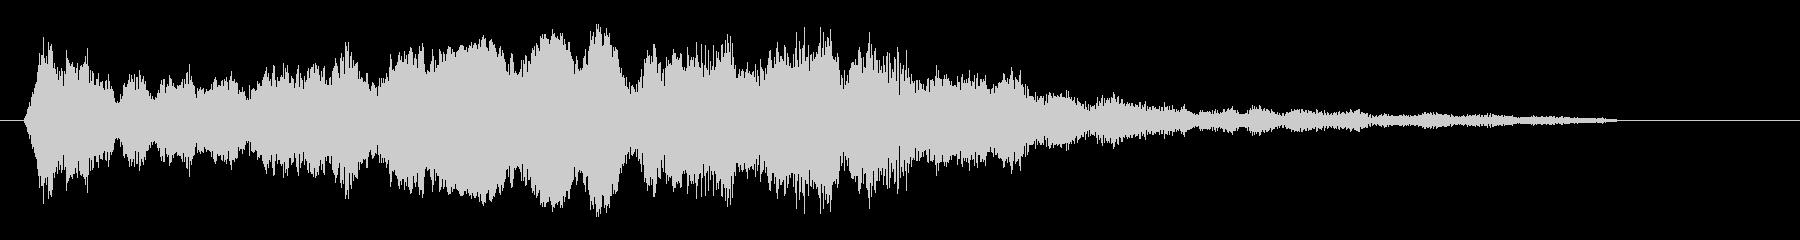 ピキーッ!(高音の短い金属音)の未再生の波形